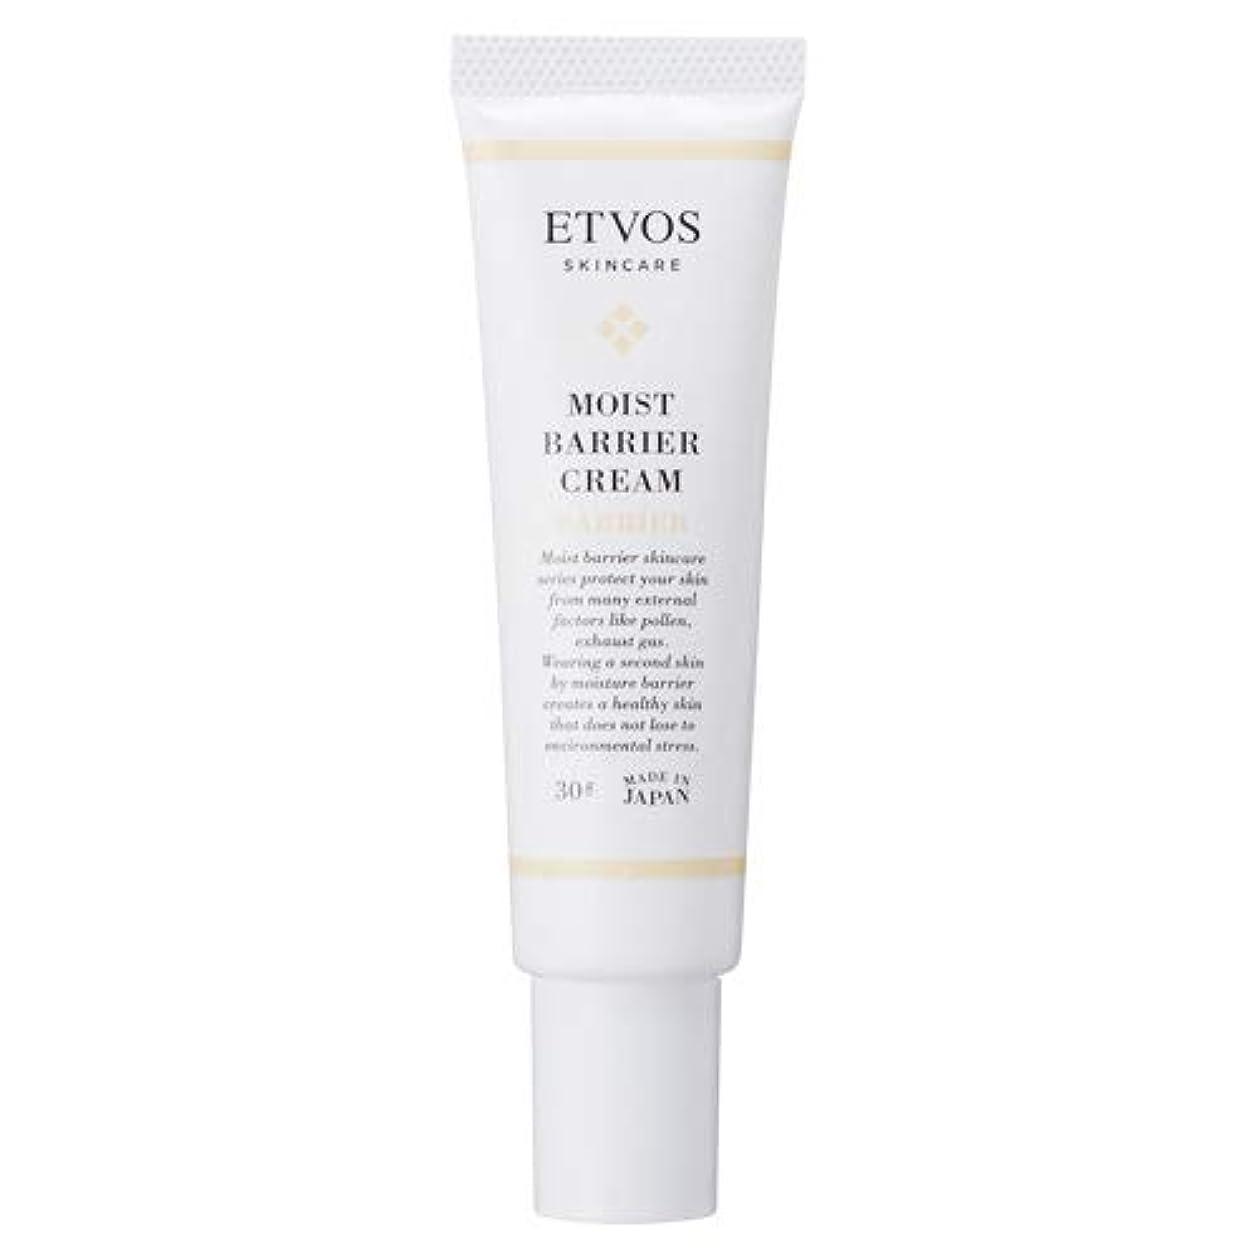 既にアフリカ人テレックスETVOS(エトヴォス) 皮膚保護クリーム モイストバリアクリーム 30g 肌荒れ/敏感肌 花粉/PM2.5/ハウスダスト